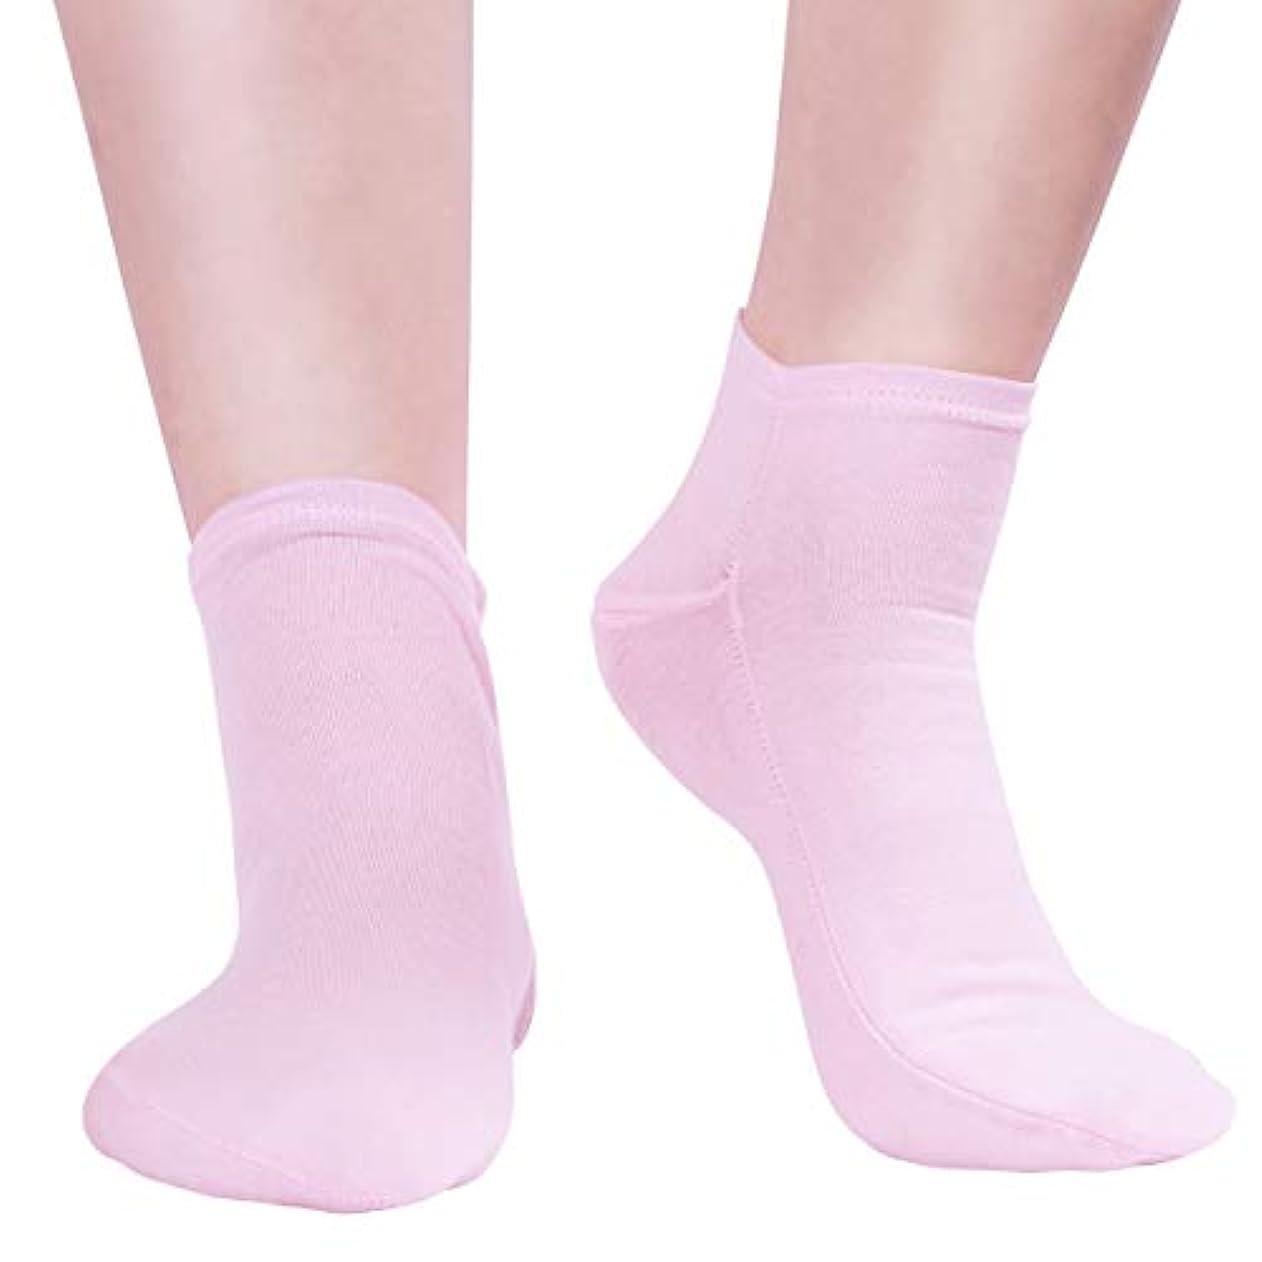 大臣ハンバーガーケーブルカーFrcolor ジェルソックス 靴下 保湿 足保護 かかとケア 乾燥 角質ケア 美容 潤い 柔らかい 対策 男女兼用 旅行用 1足(ピンク)